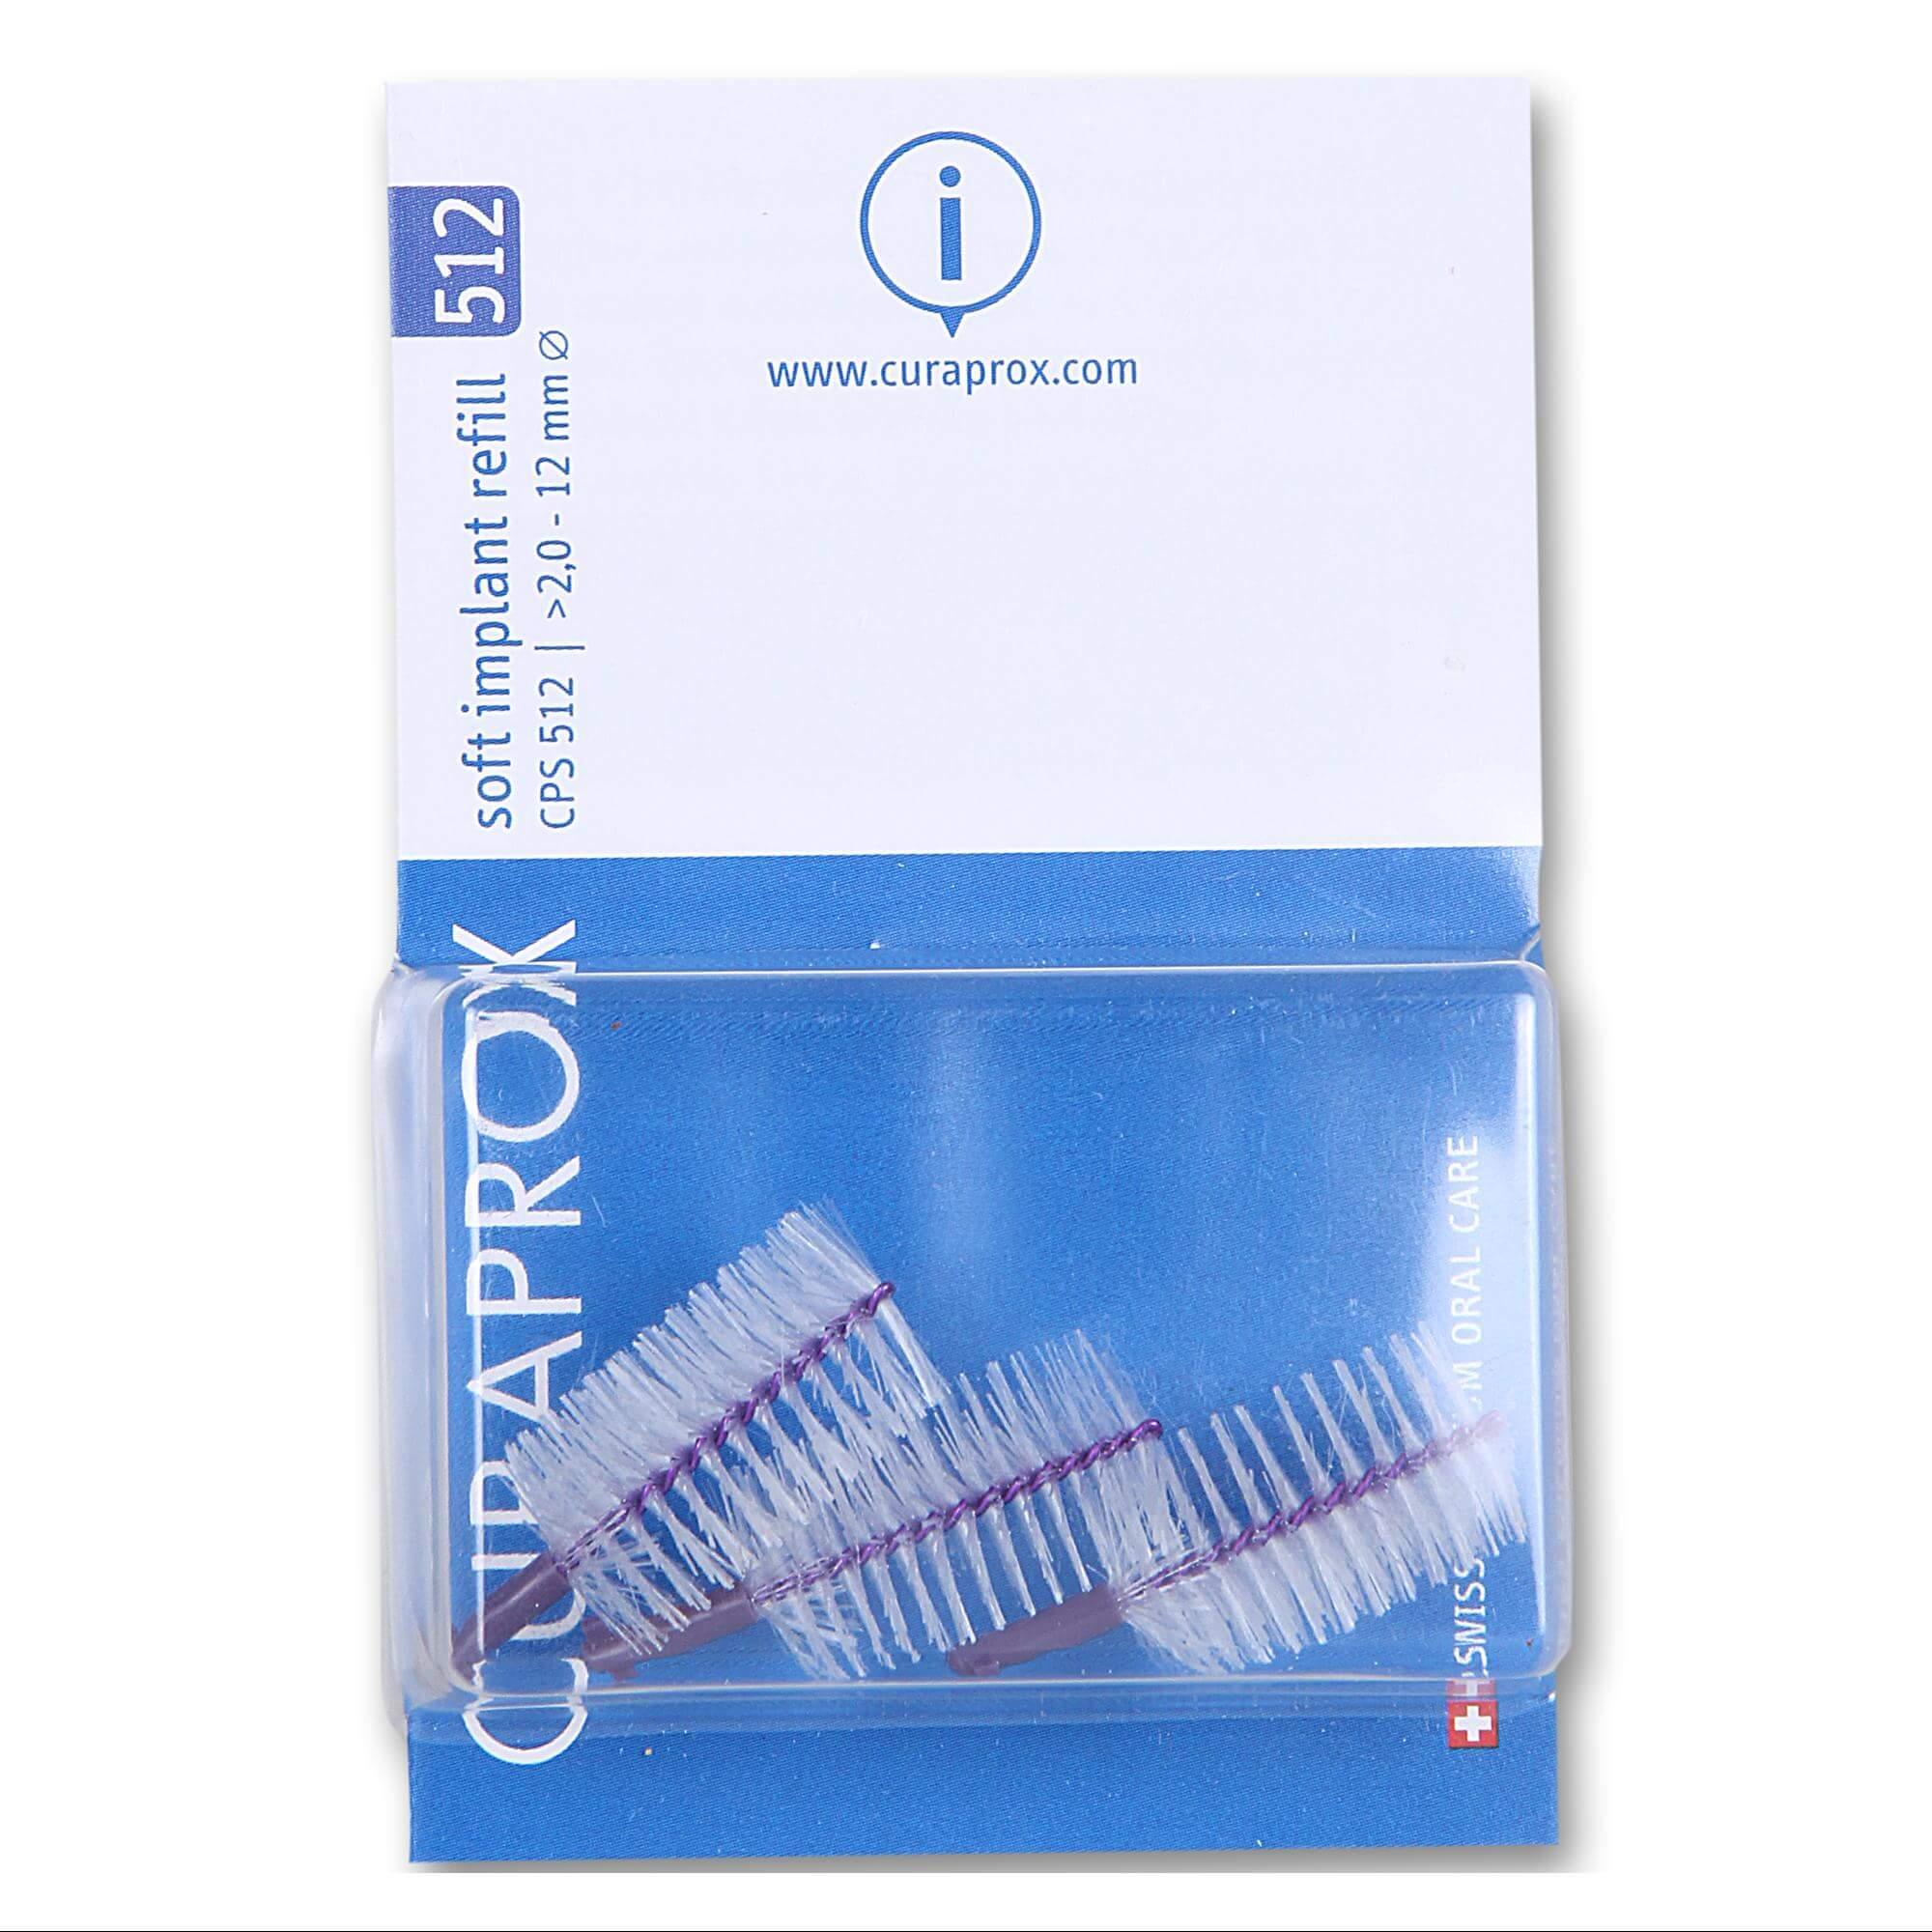 Curaprox CPS 512 Soft Implant Ανταλλακτικά για Μεσοδόντια ΒουρτσάκιαΕμφυτευμάτωνΜωβ3 Τεμάχια